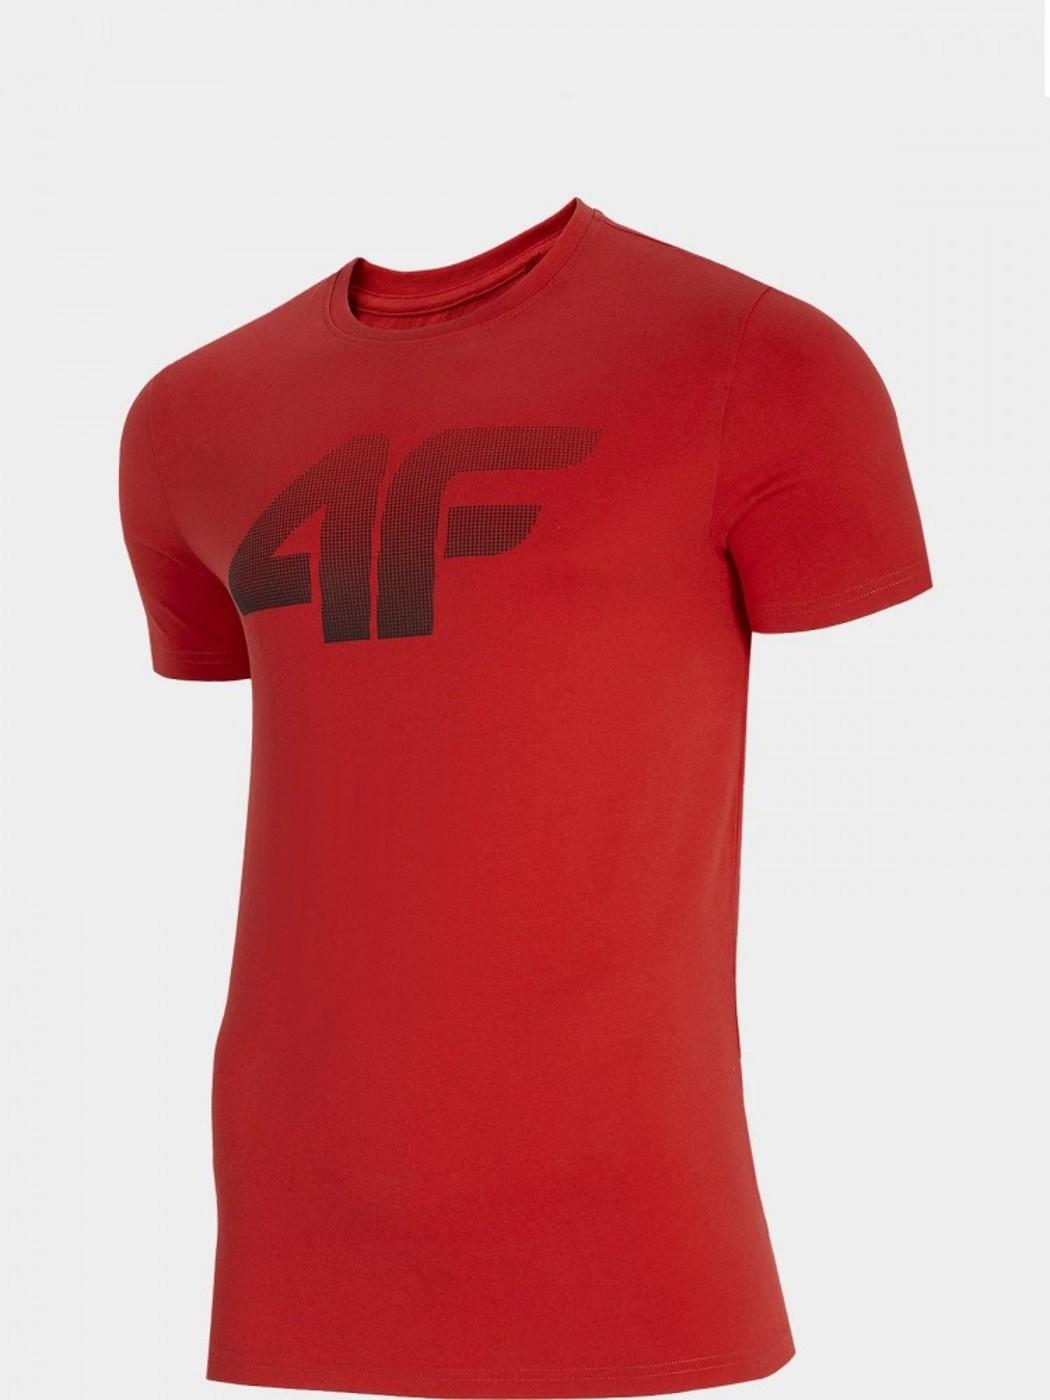 4F TSM004 T-Shirt - Herren